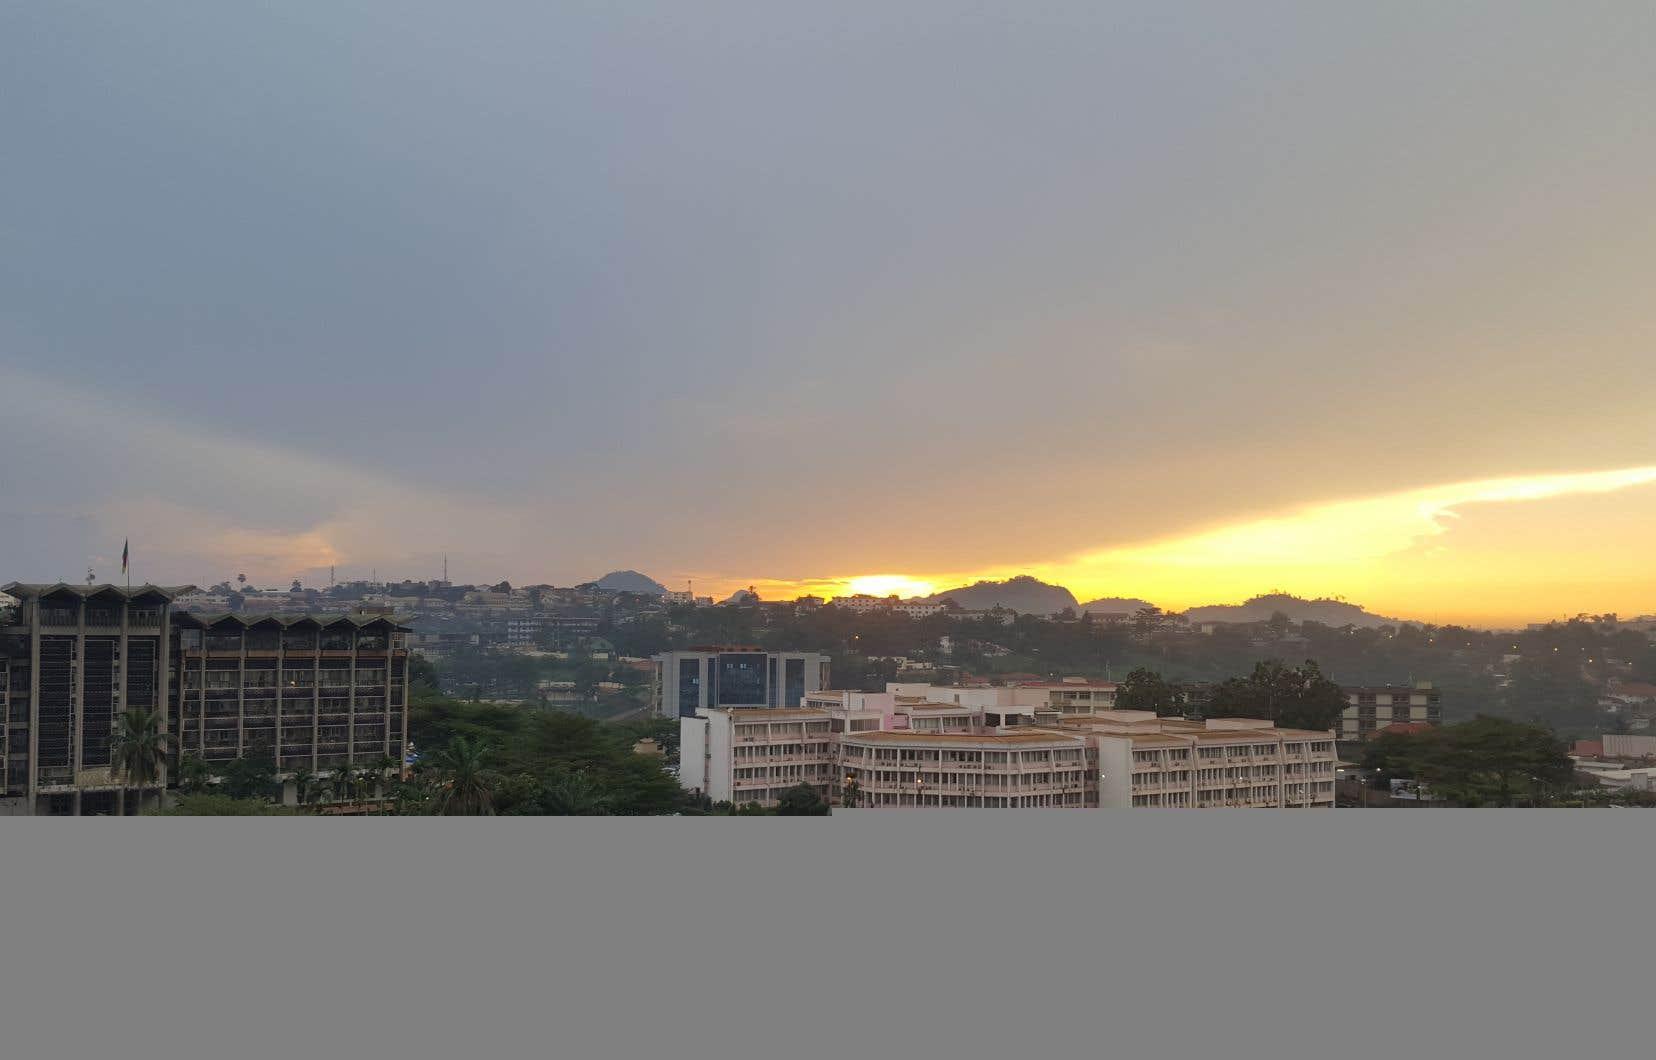 L'initiative de la Francophonie pour des villes durables veut amener les villes du Nord à partager leurs expériences avec celles du Sud. Ici Yaoundé, au Cameroun.